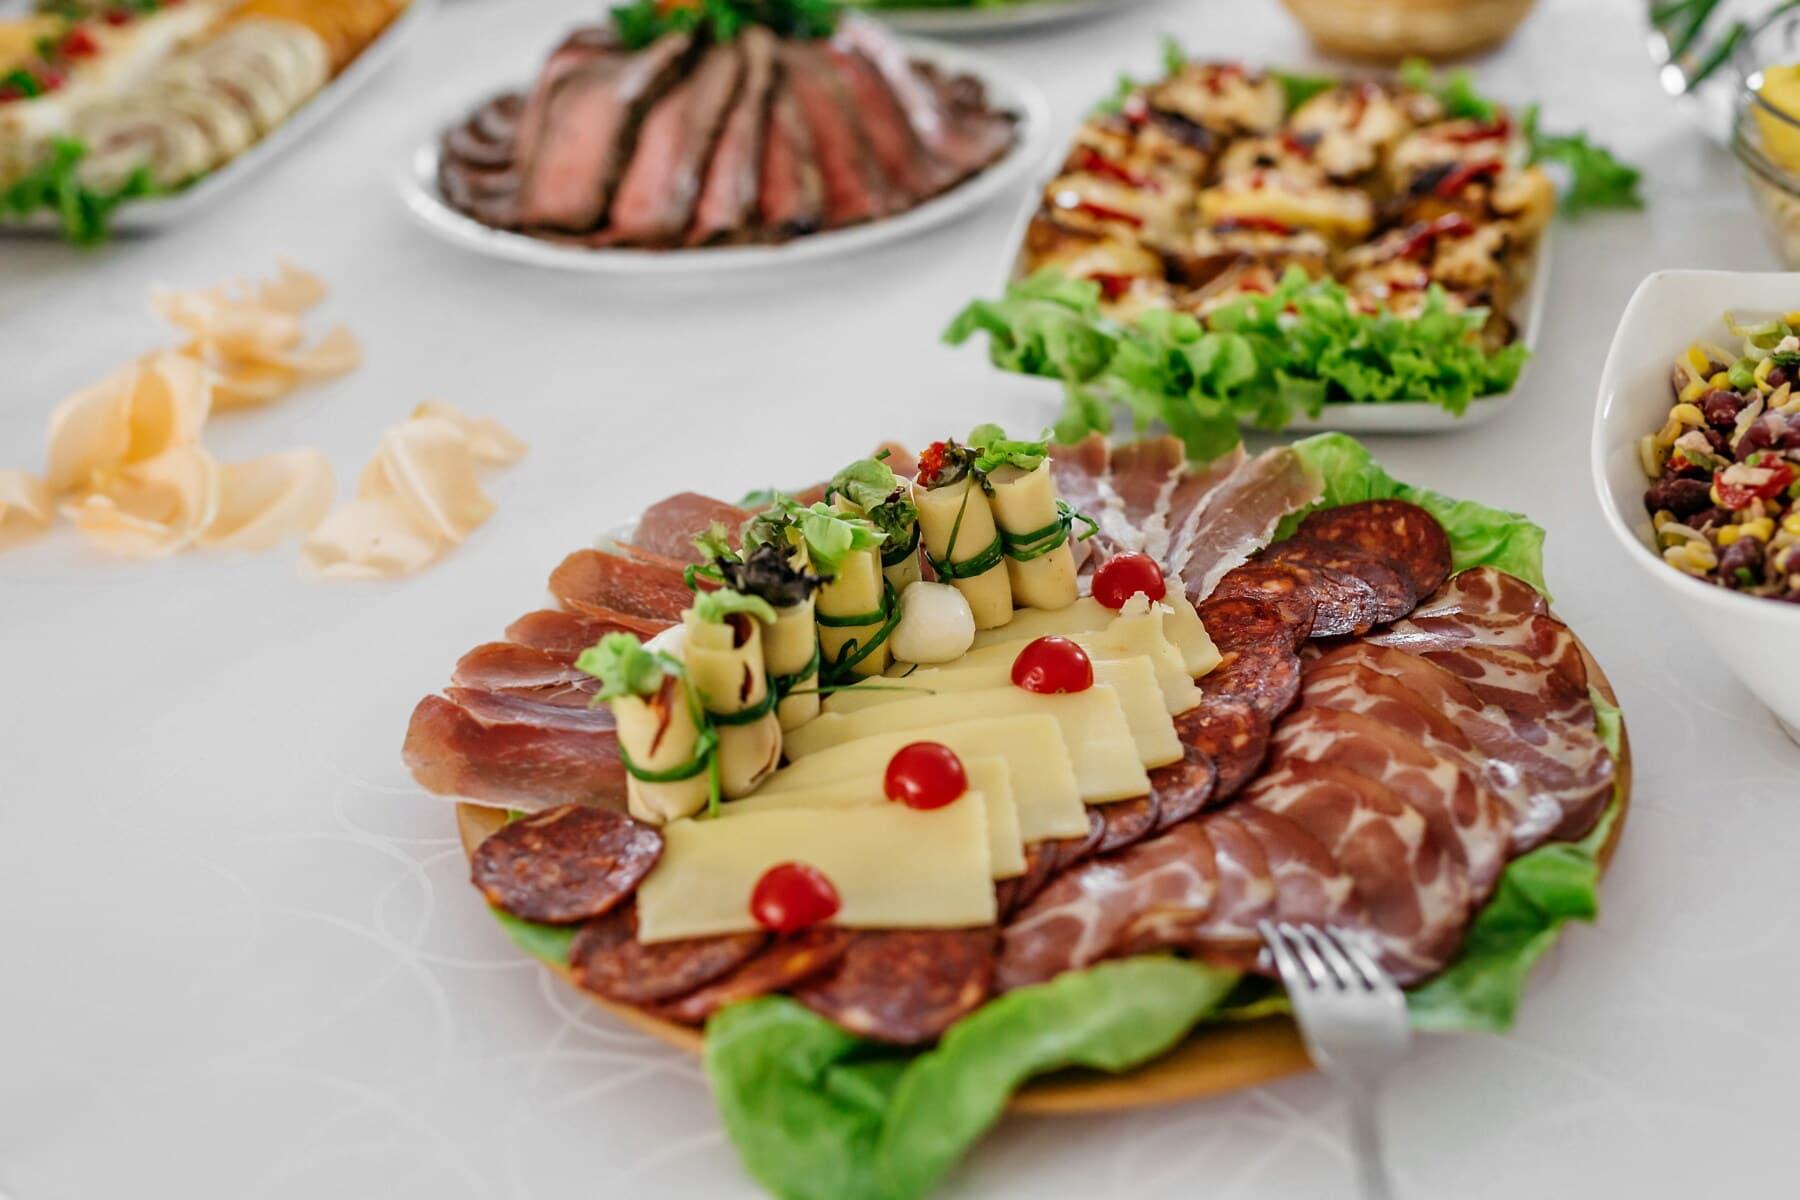 Sushi, Schinken, Käse, Wurst, Schweinelendchen, Schweinefleisch, Appetizer, Platte, Abendessen, Mittagessen